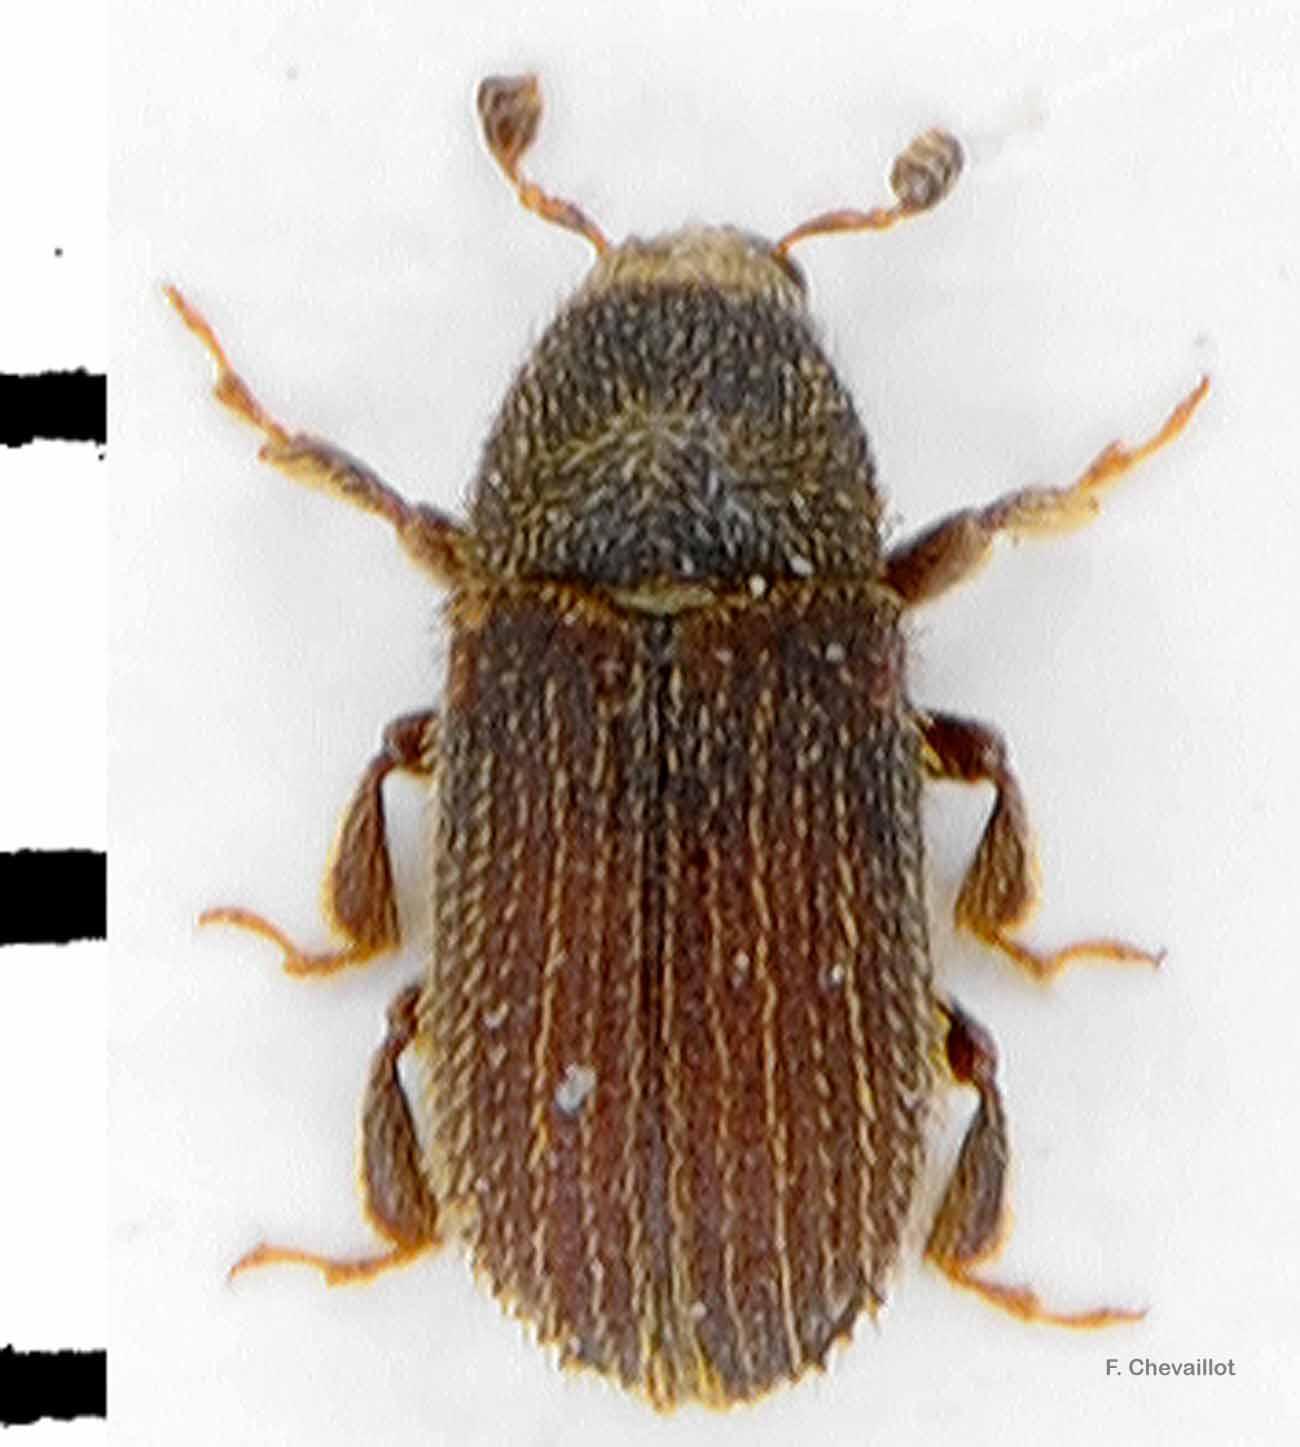 Phloeotribus spinulosus